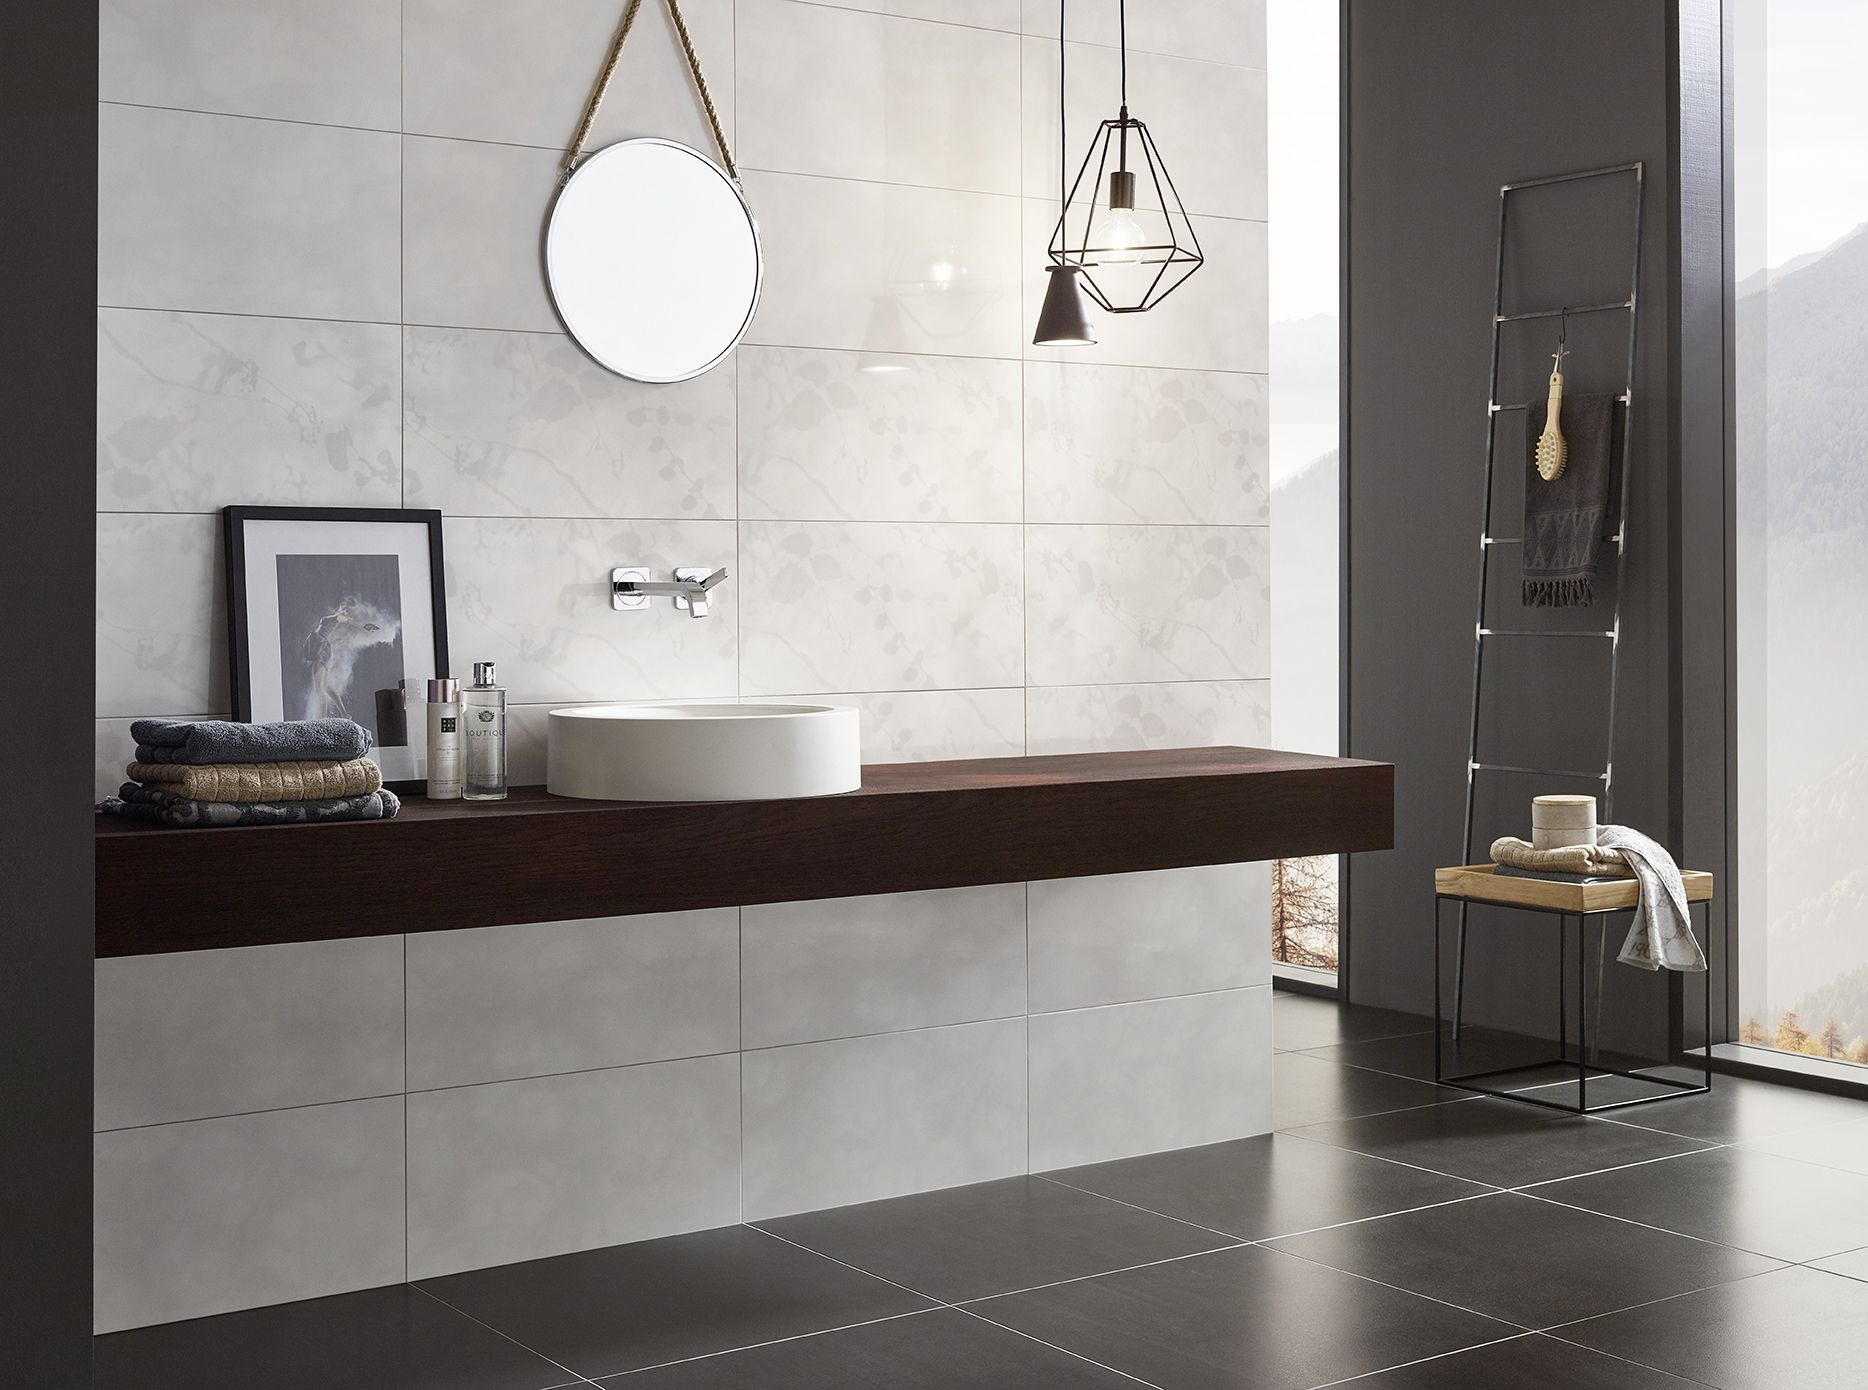 Elegantes badezimmerdesign geheimnisvolles naturell sowohnich badezimmer puristisch eleganz